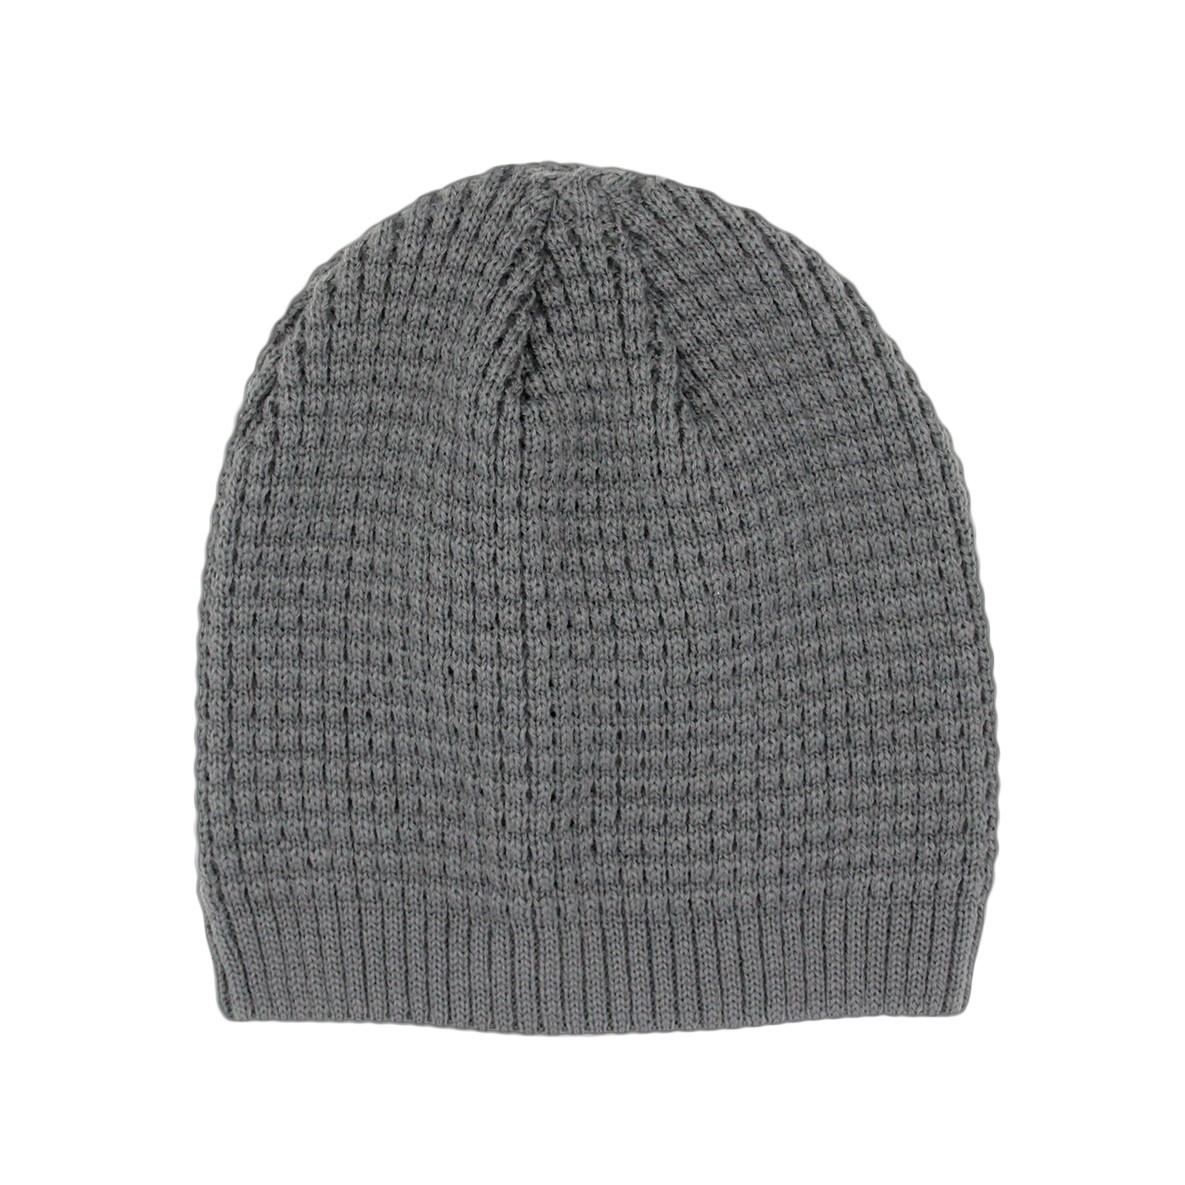 Mütze Strick dunkelgrau